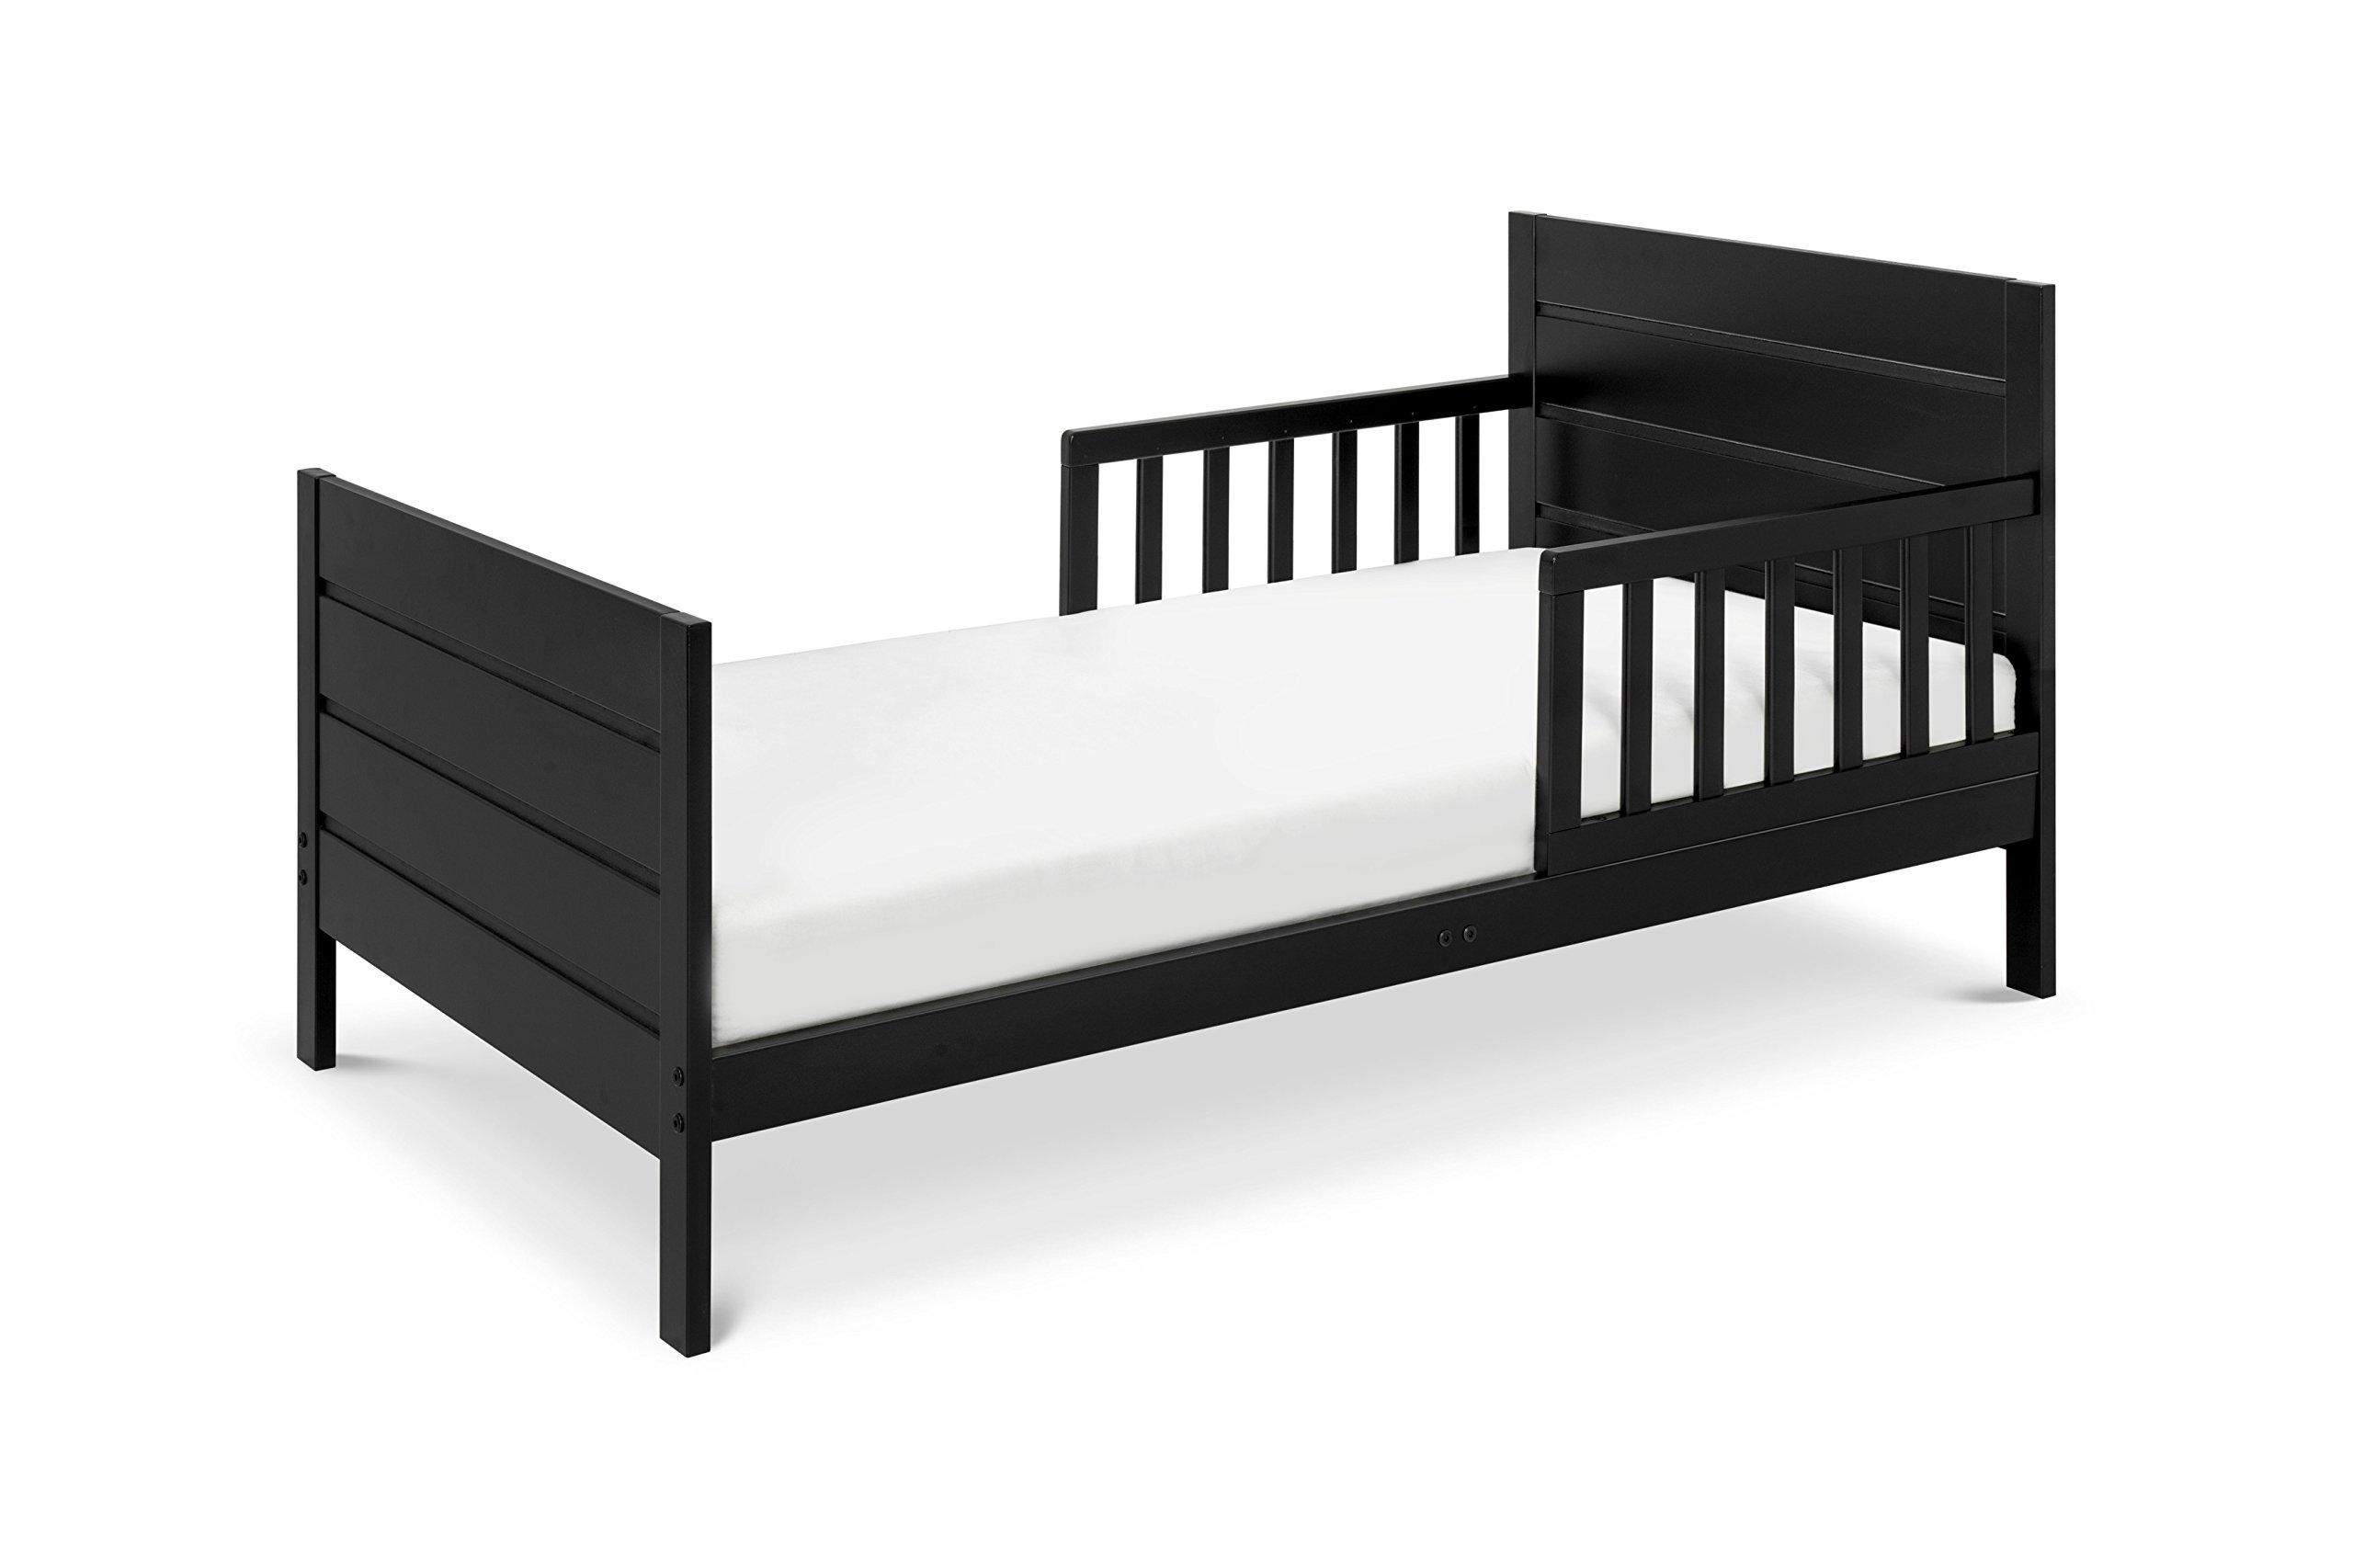 DaVinci Modena Toddler Bed in Ebony